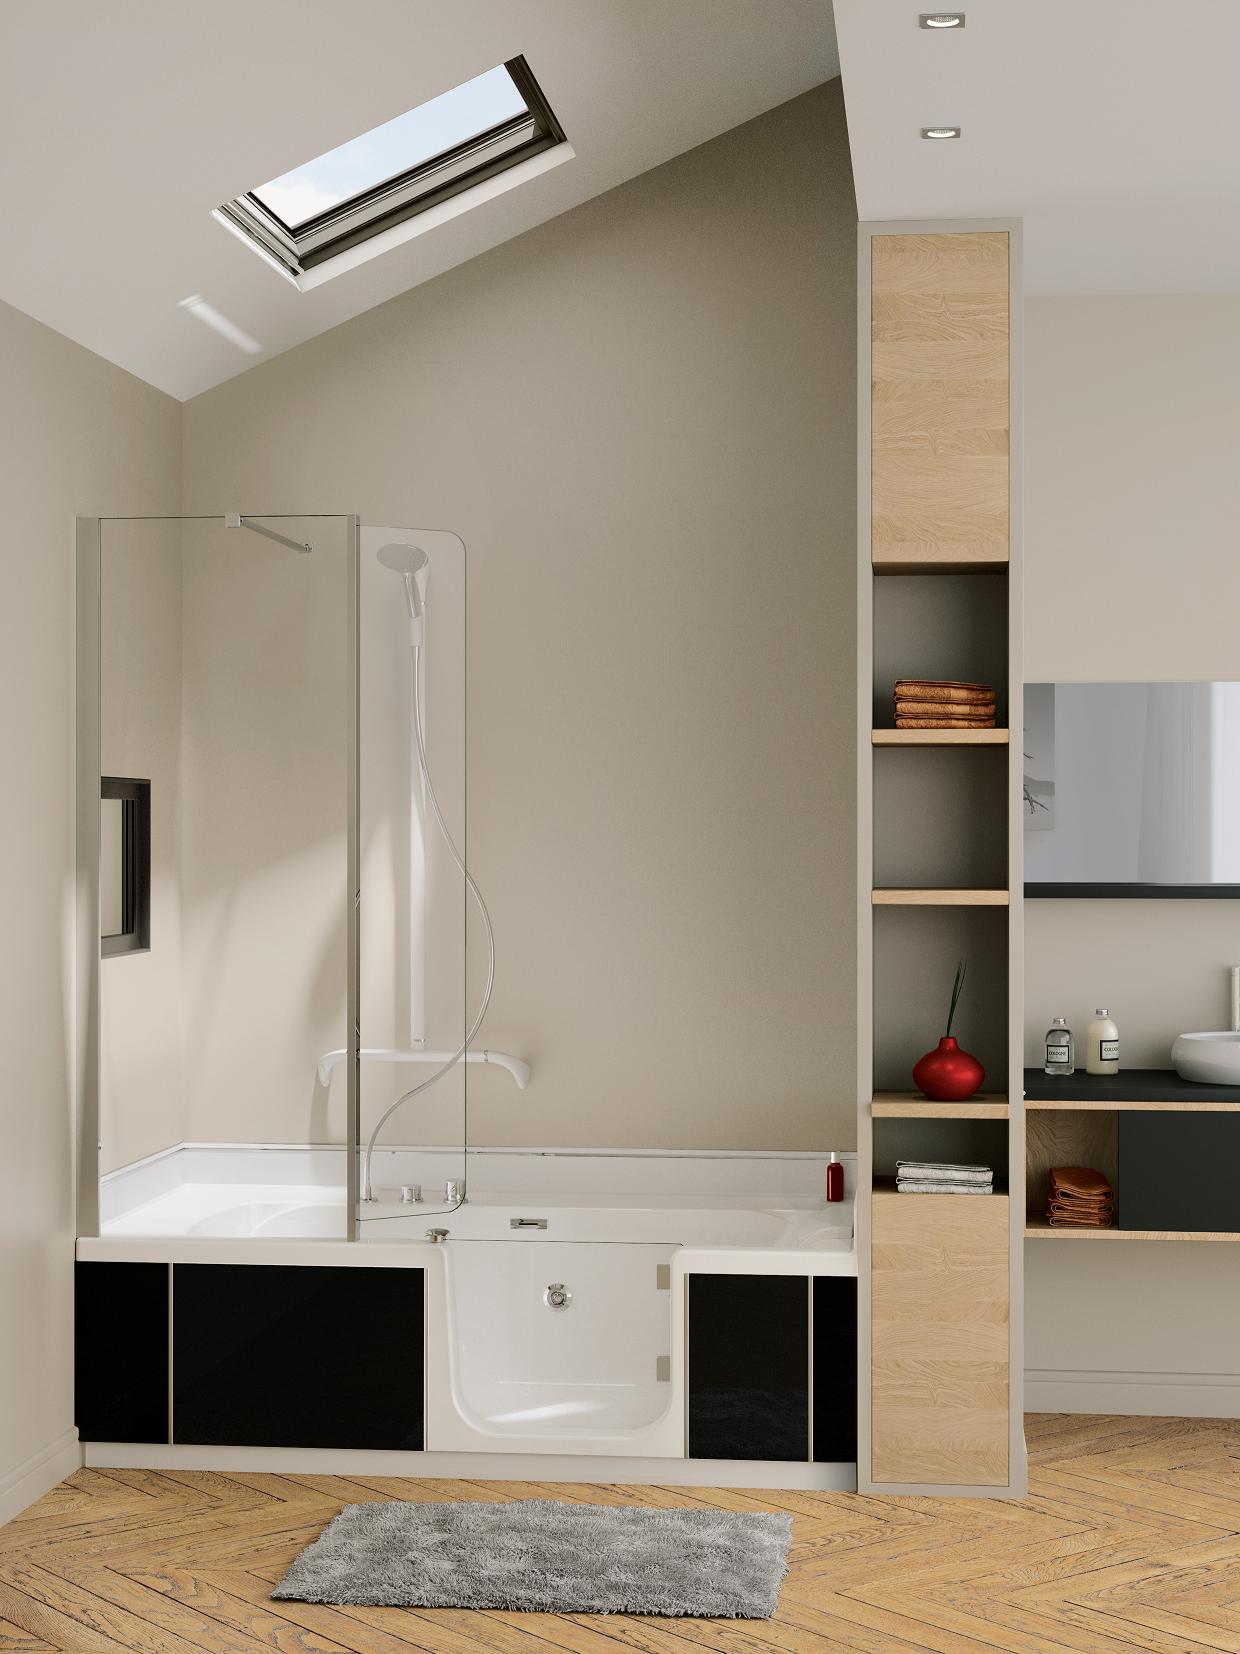 kinedo duo douche bad combinatie product in beeld startpagina voor badkamer idee n uw. Black Bedroom Furniture Sets. Home Design Ideas